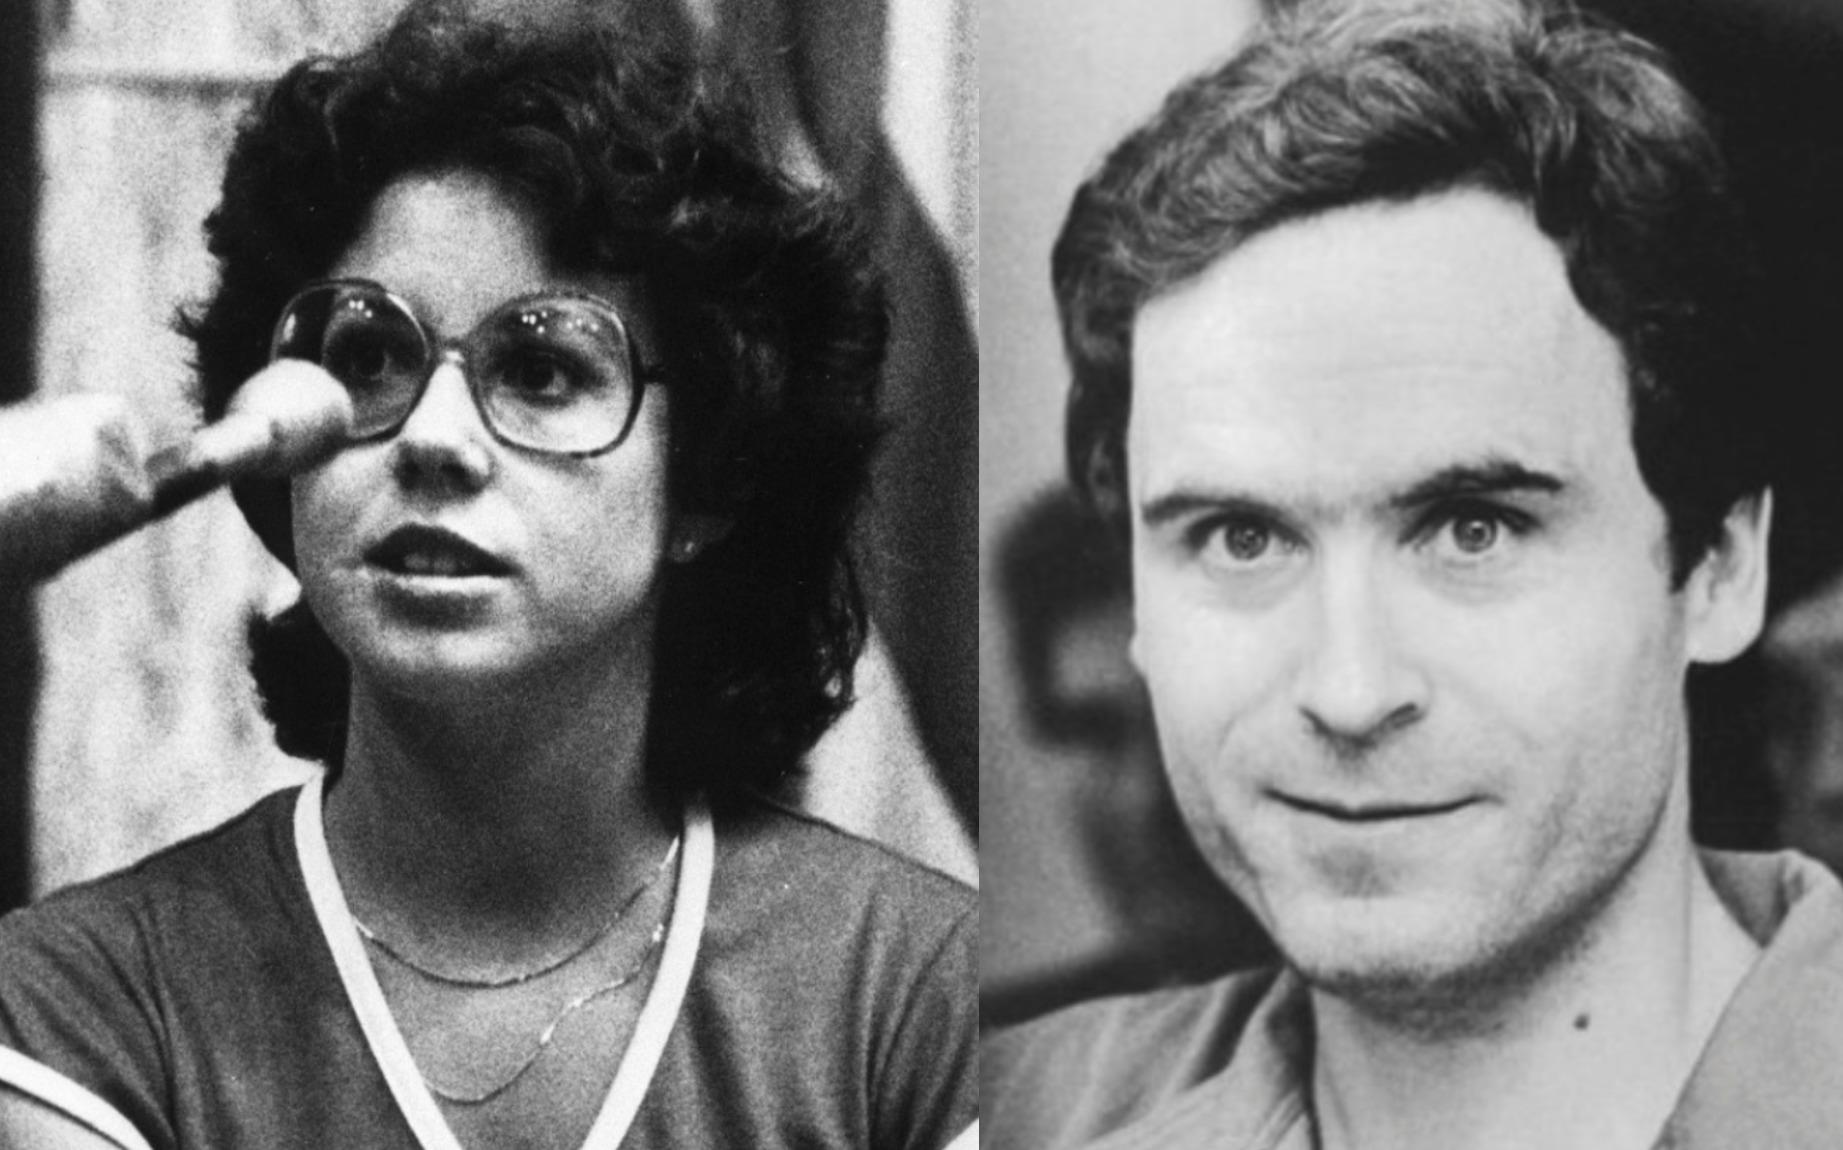 'La sangre estaba en todas partes', habla el sobreviviente de la hermandad Living Ted Bundy